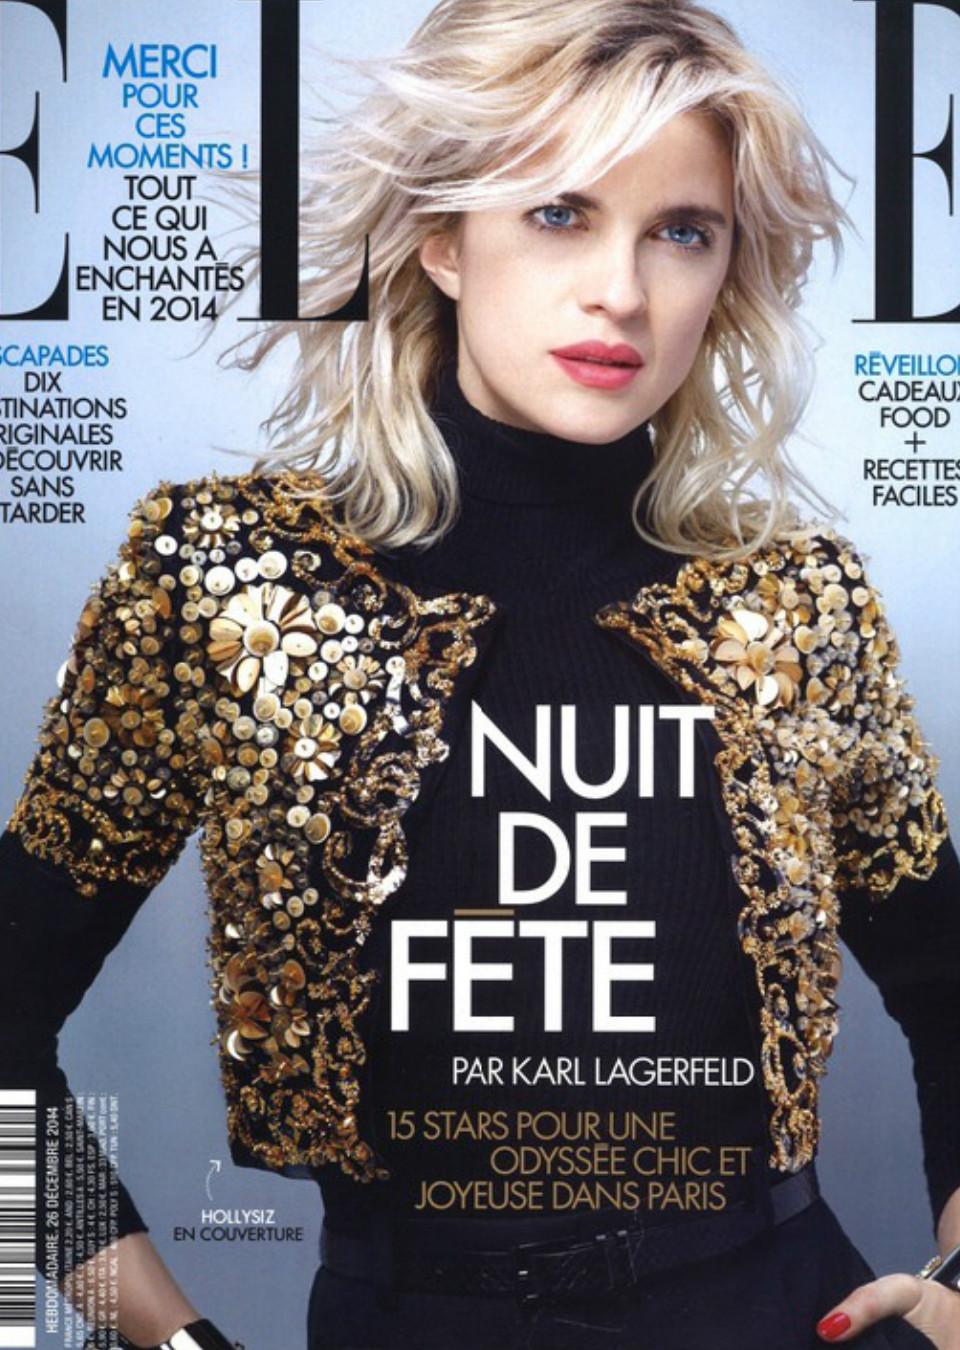 SAFE MGMT Management Paris - Cécile Cassel